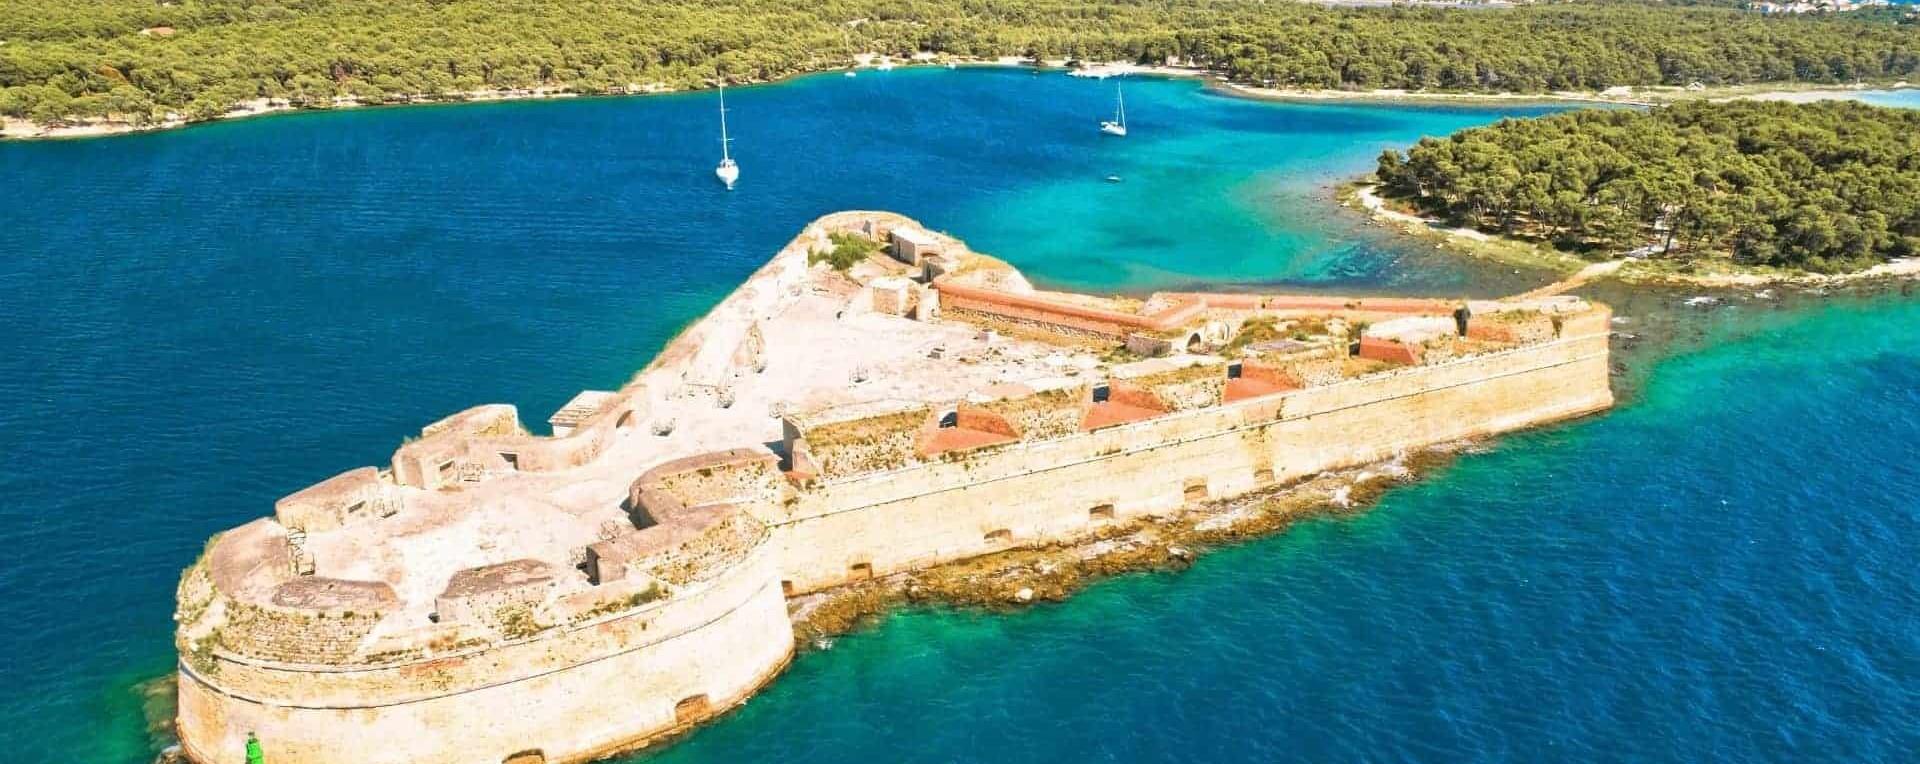 St Nicholas fortress on a sea near Sibenik